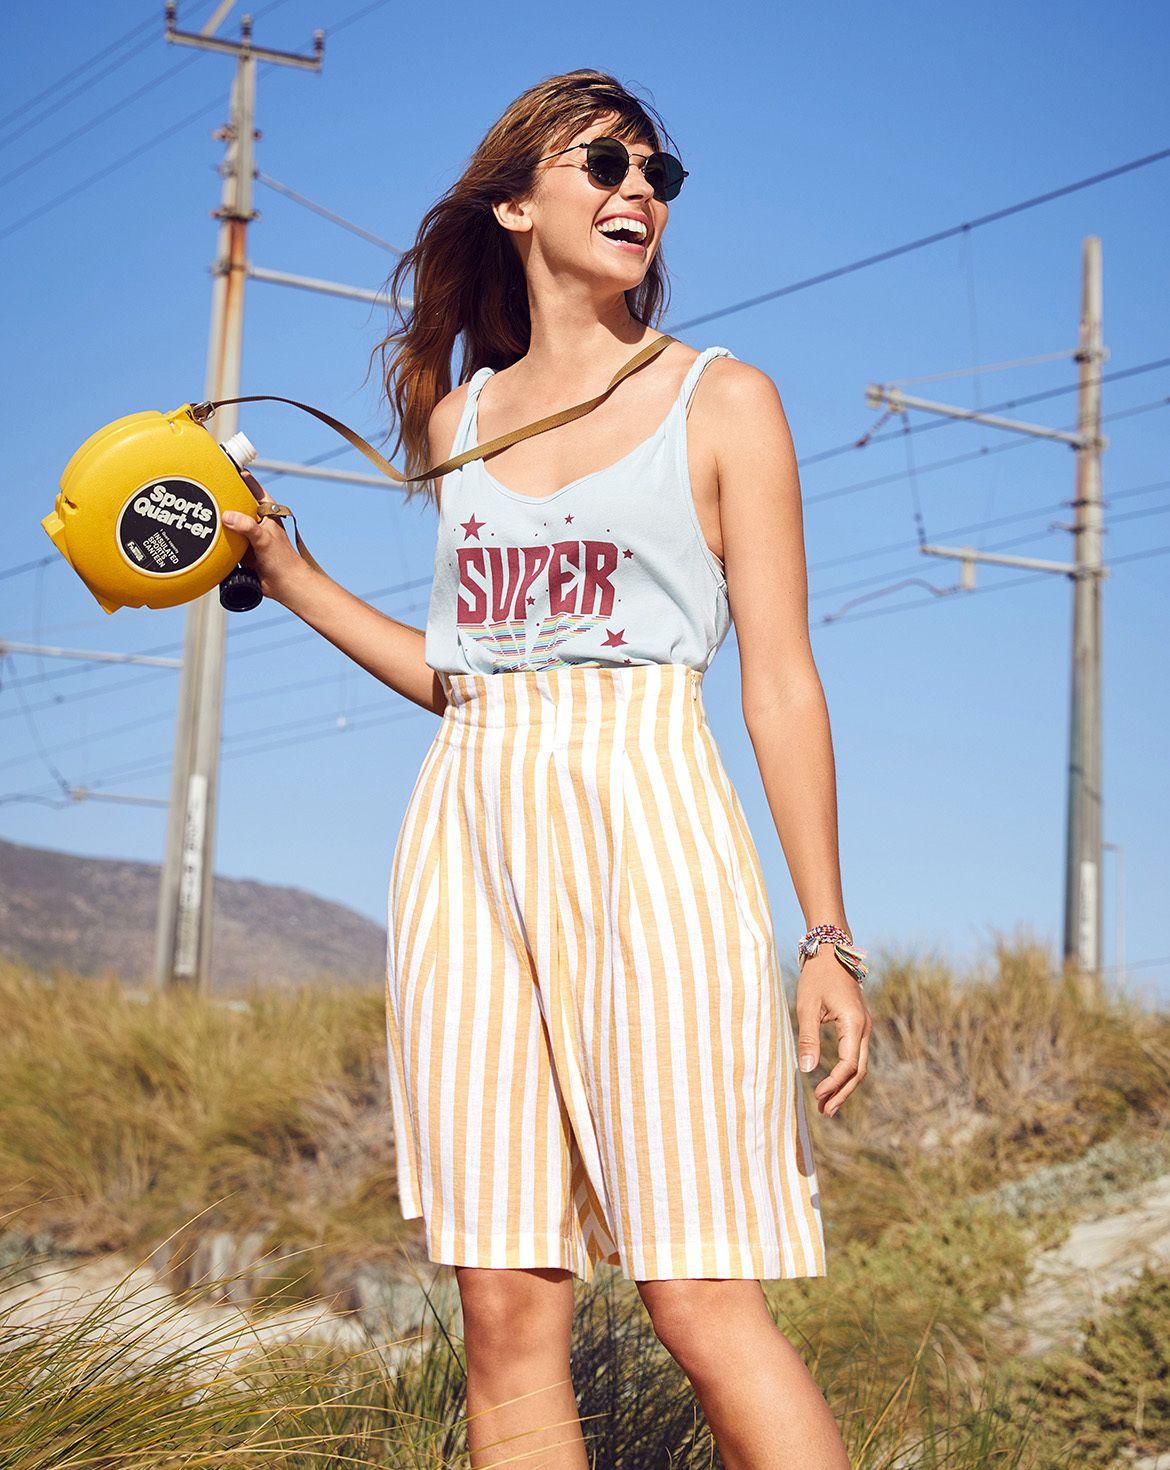 quần short bermuda vàng kẻ sọc dọc áo thun tannk top